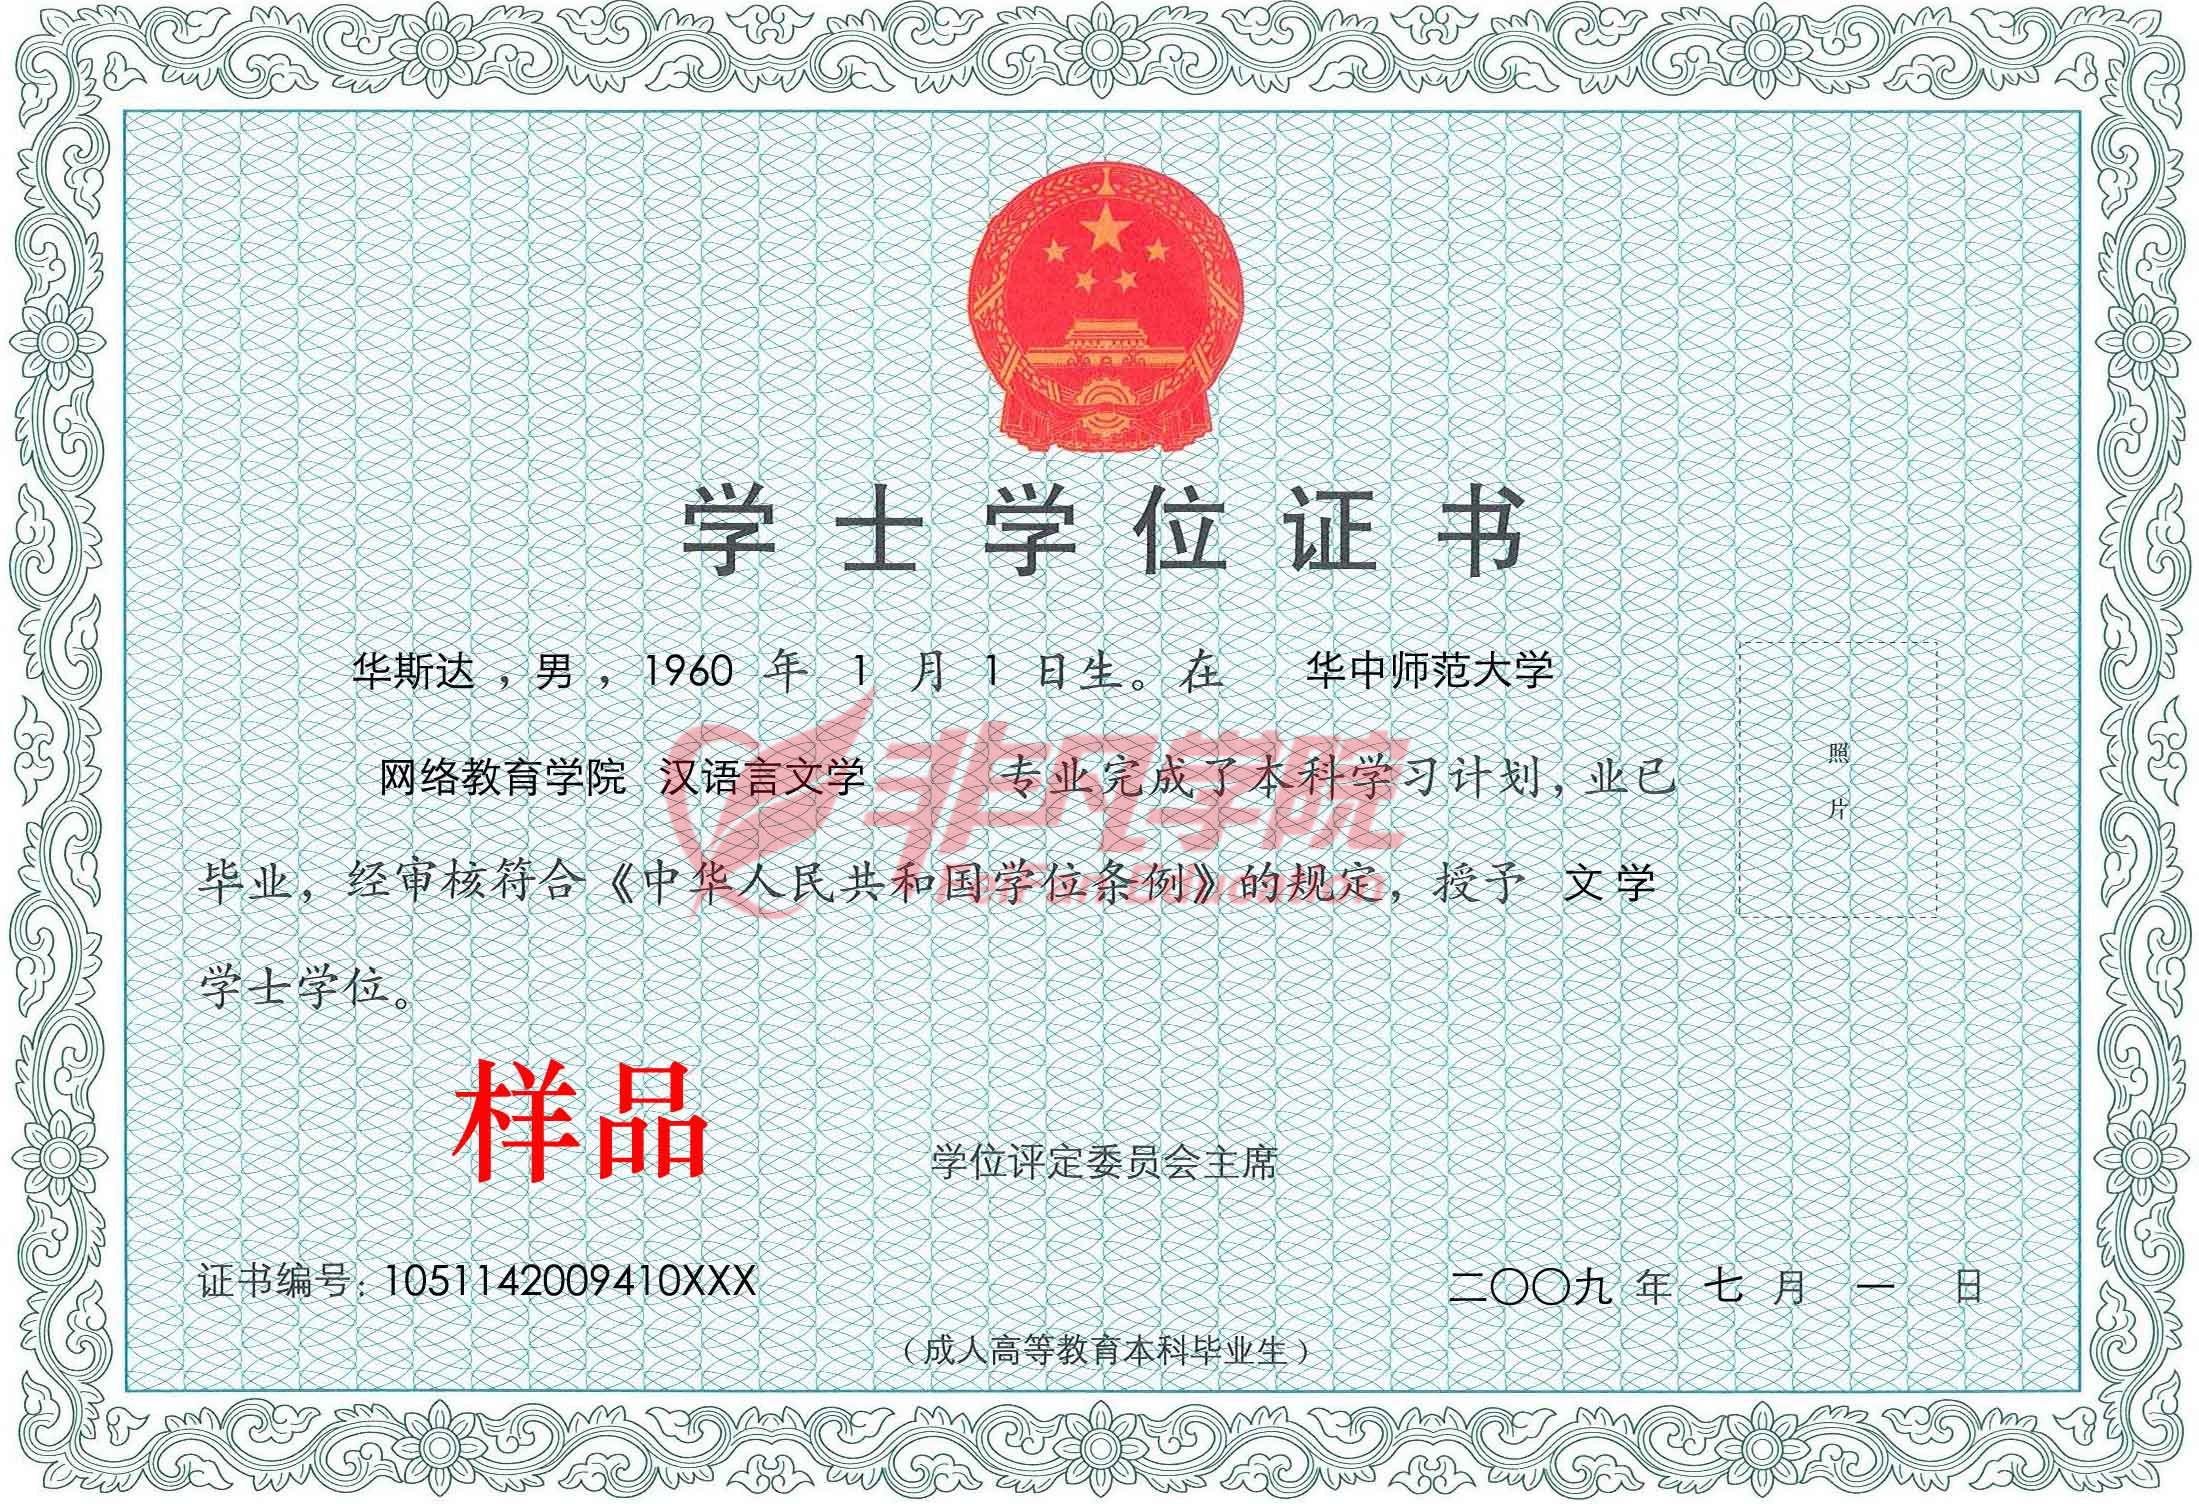 华中师范大学网络教育2017年春季招生简章